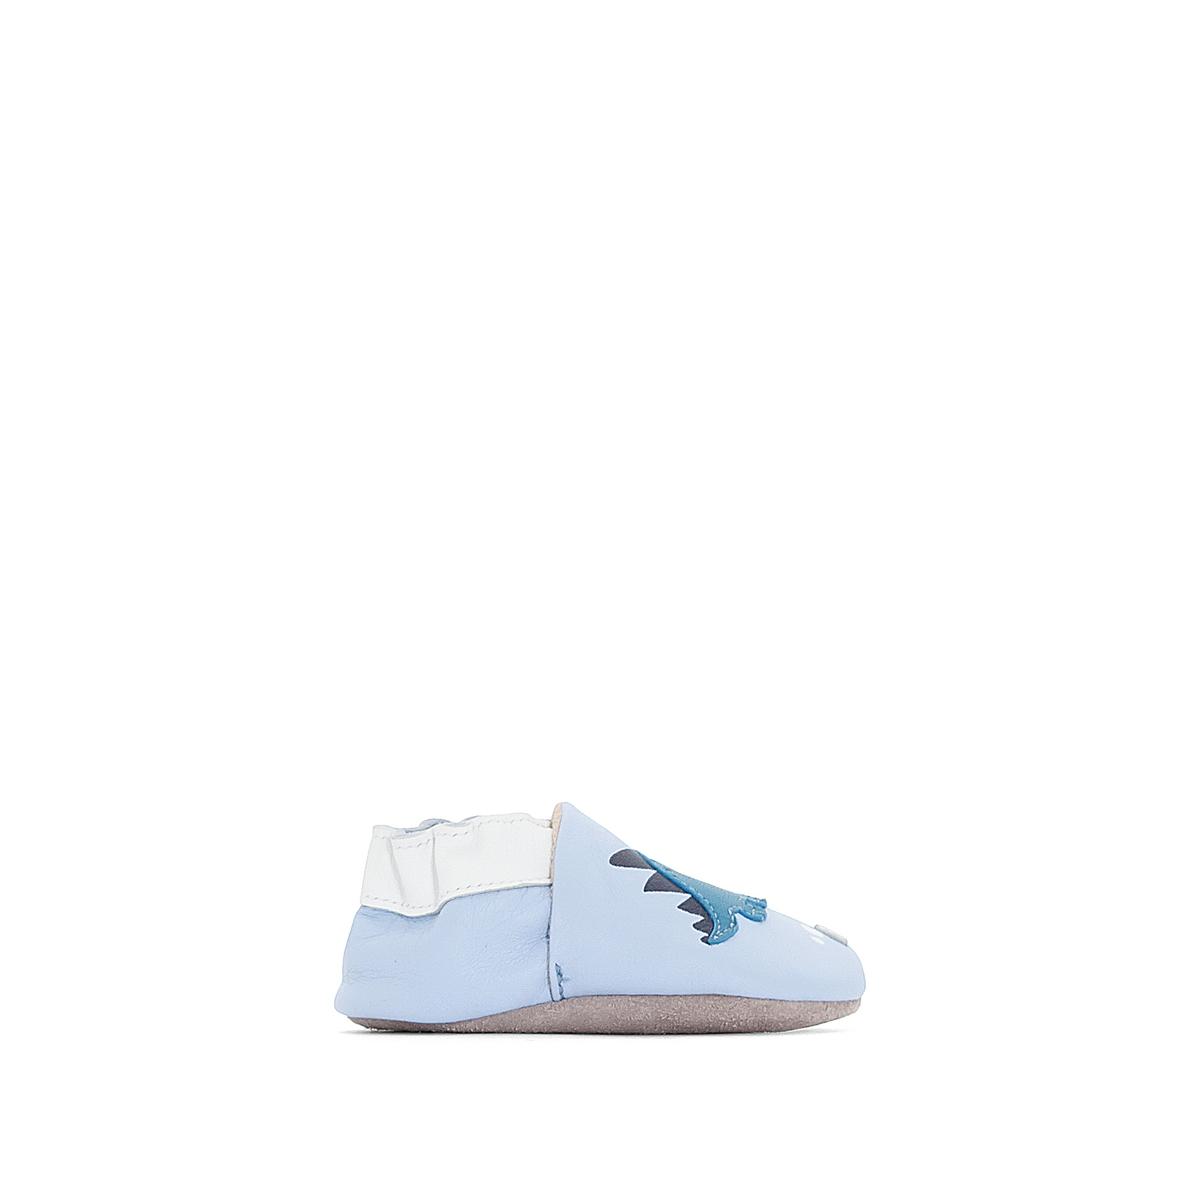 Тапки кожаные Oh DinoОписание:Детали •  Тапки в виде носков •  Застежка : без застежкиСостав и уход •  Верх/Голенище : 100% кожа •  Подкладка : 100% текстиль •  Стелька : 100% кожа •  Подошва : 100% кожа<br><br>Цвет: голубой<br>Размер: 19/20